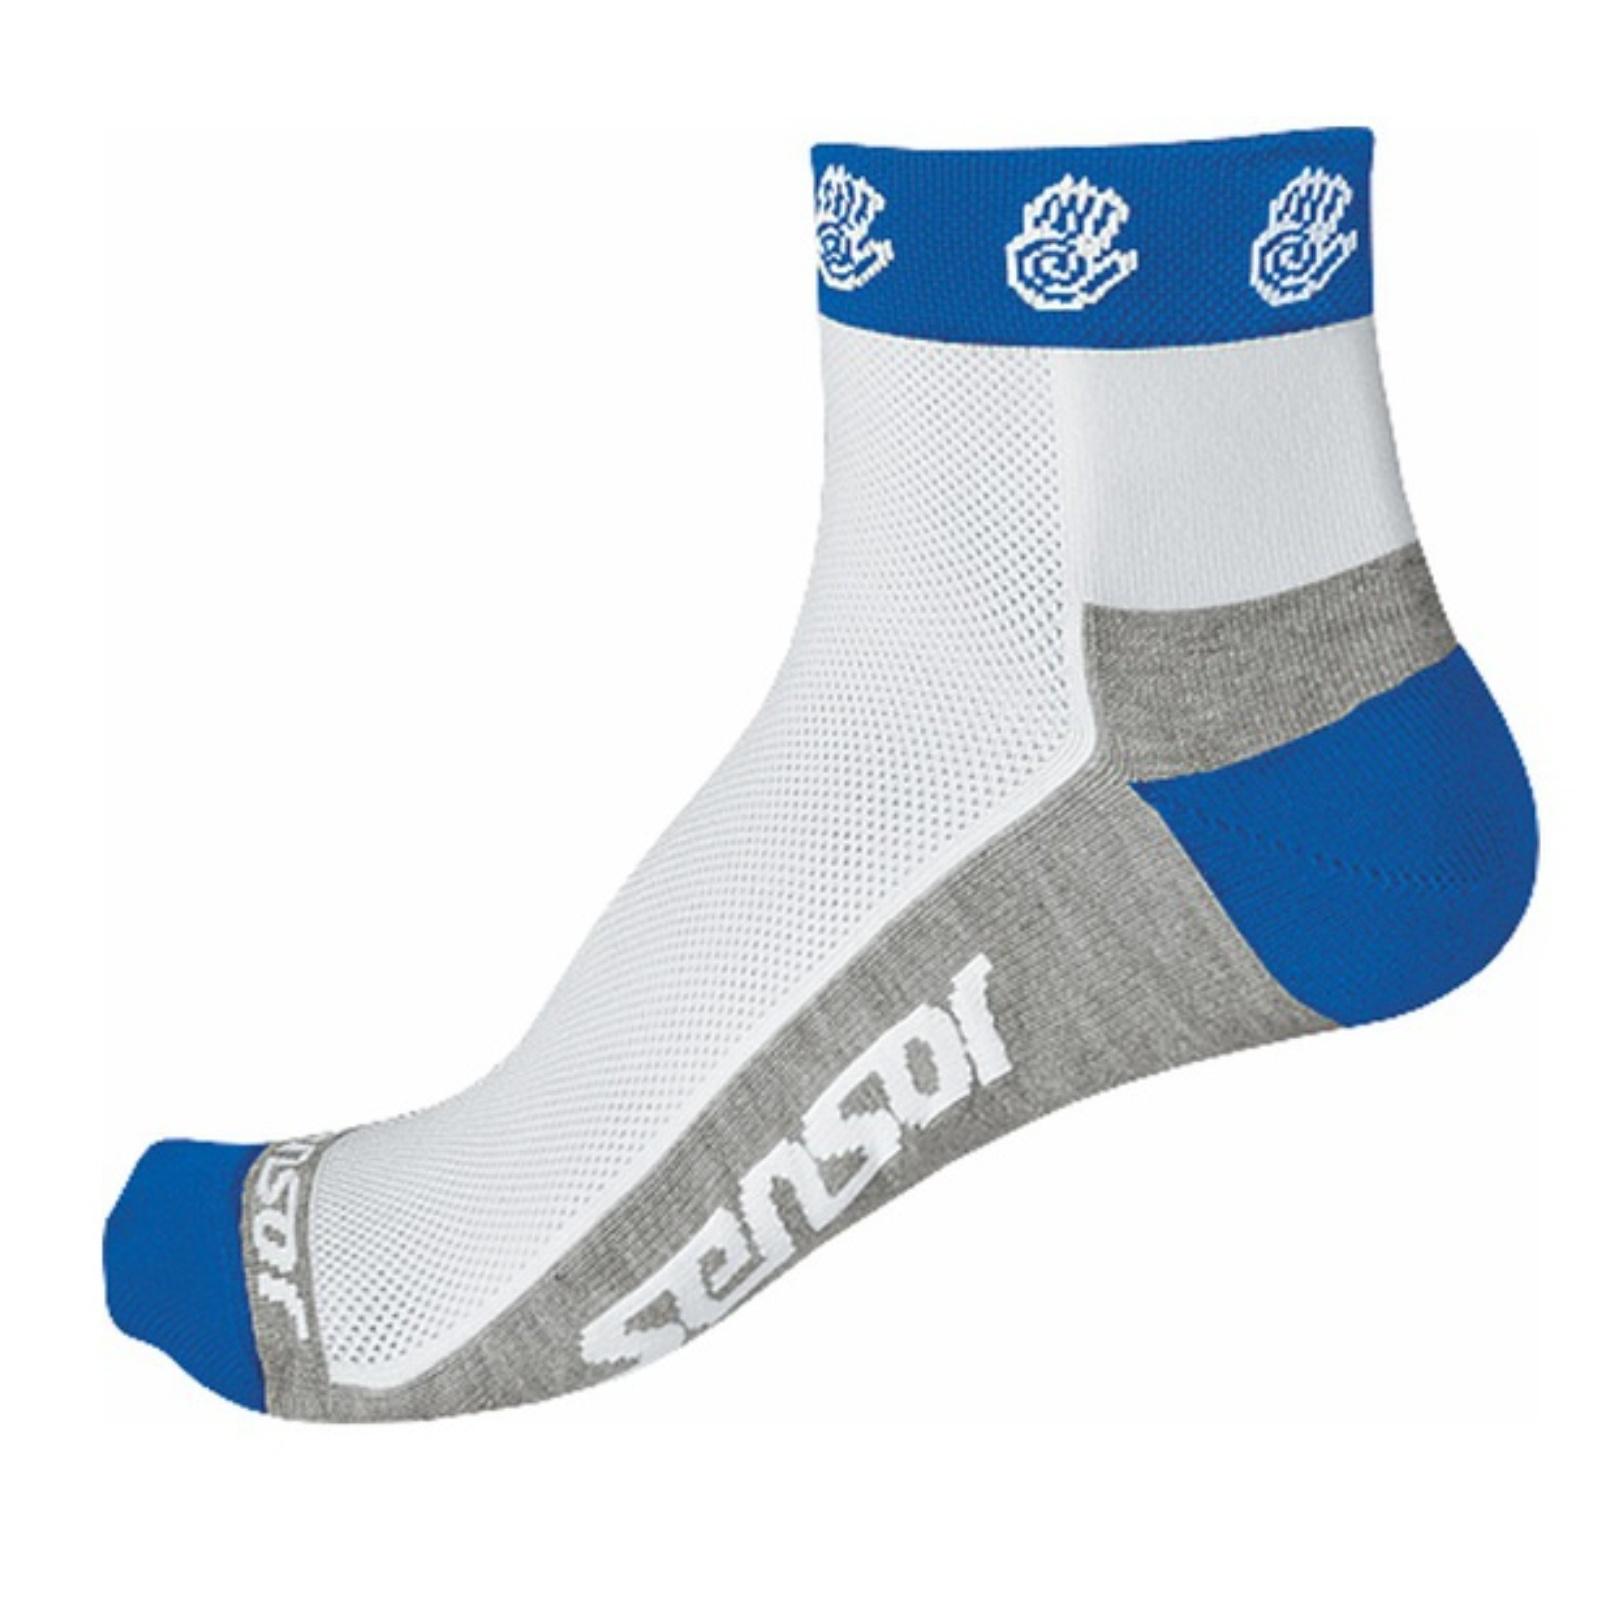 Ponožky SENSOR Race Lite Ručičky modré vel. 9-11